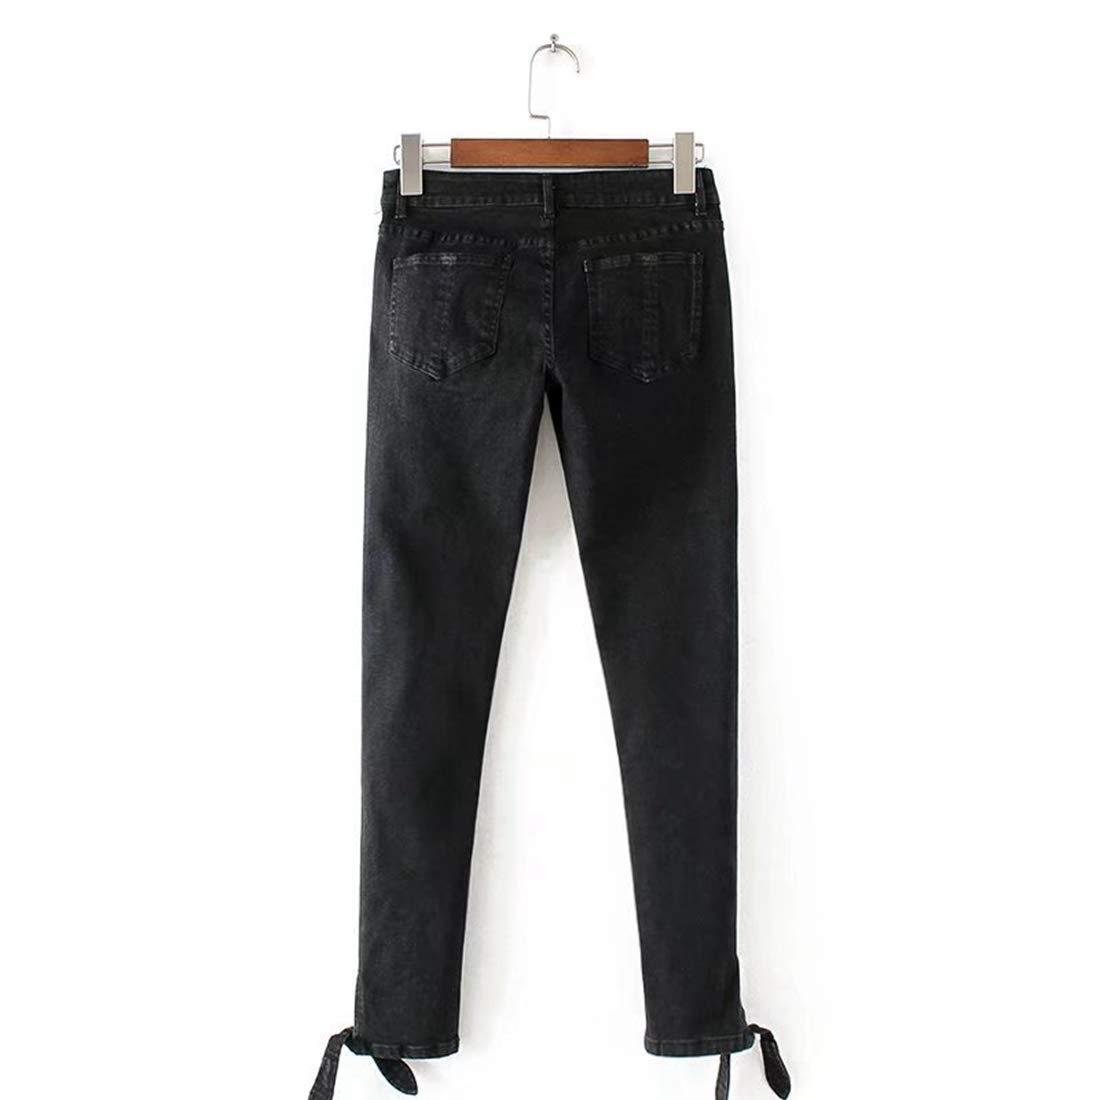 Black Sylviaan Fashion Women Jeans bluee Jeans Spring Knot Open Fork Rabbit Ears Nine Points Feet Jeans